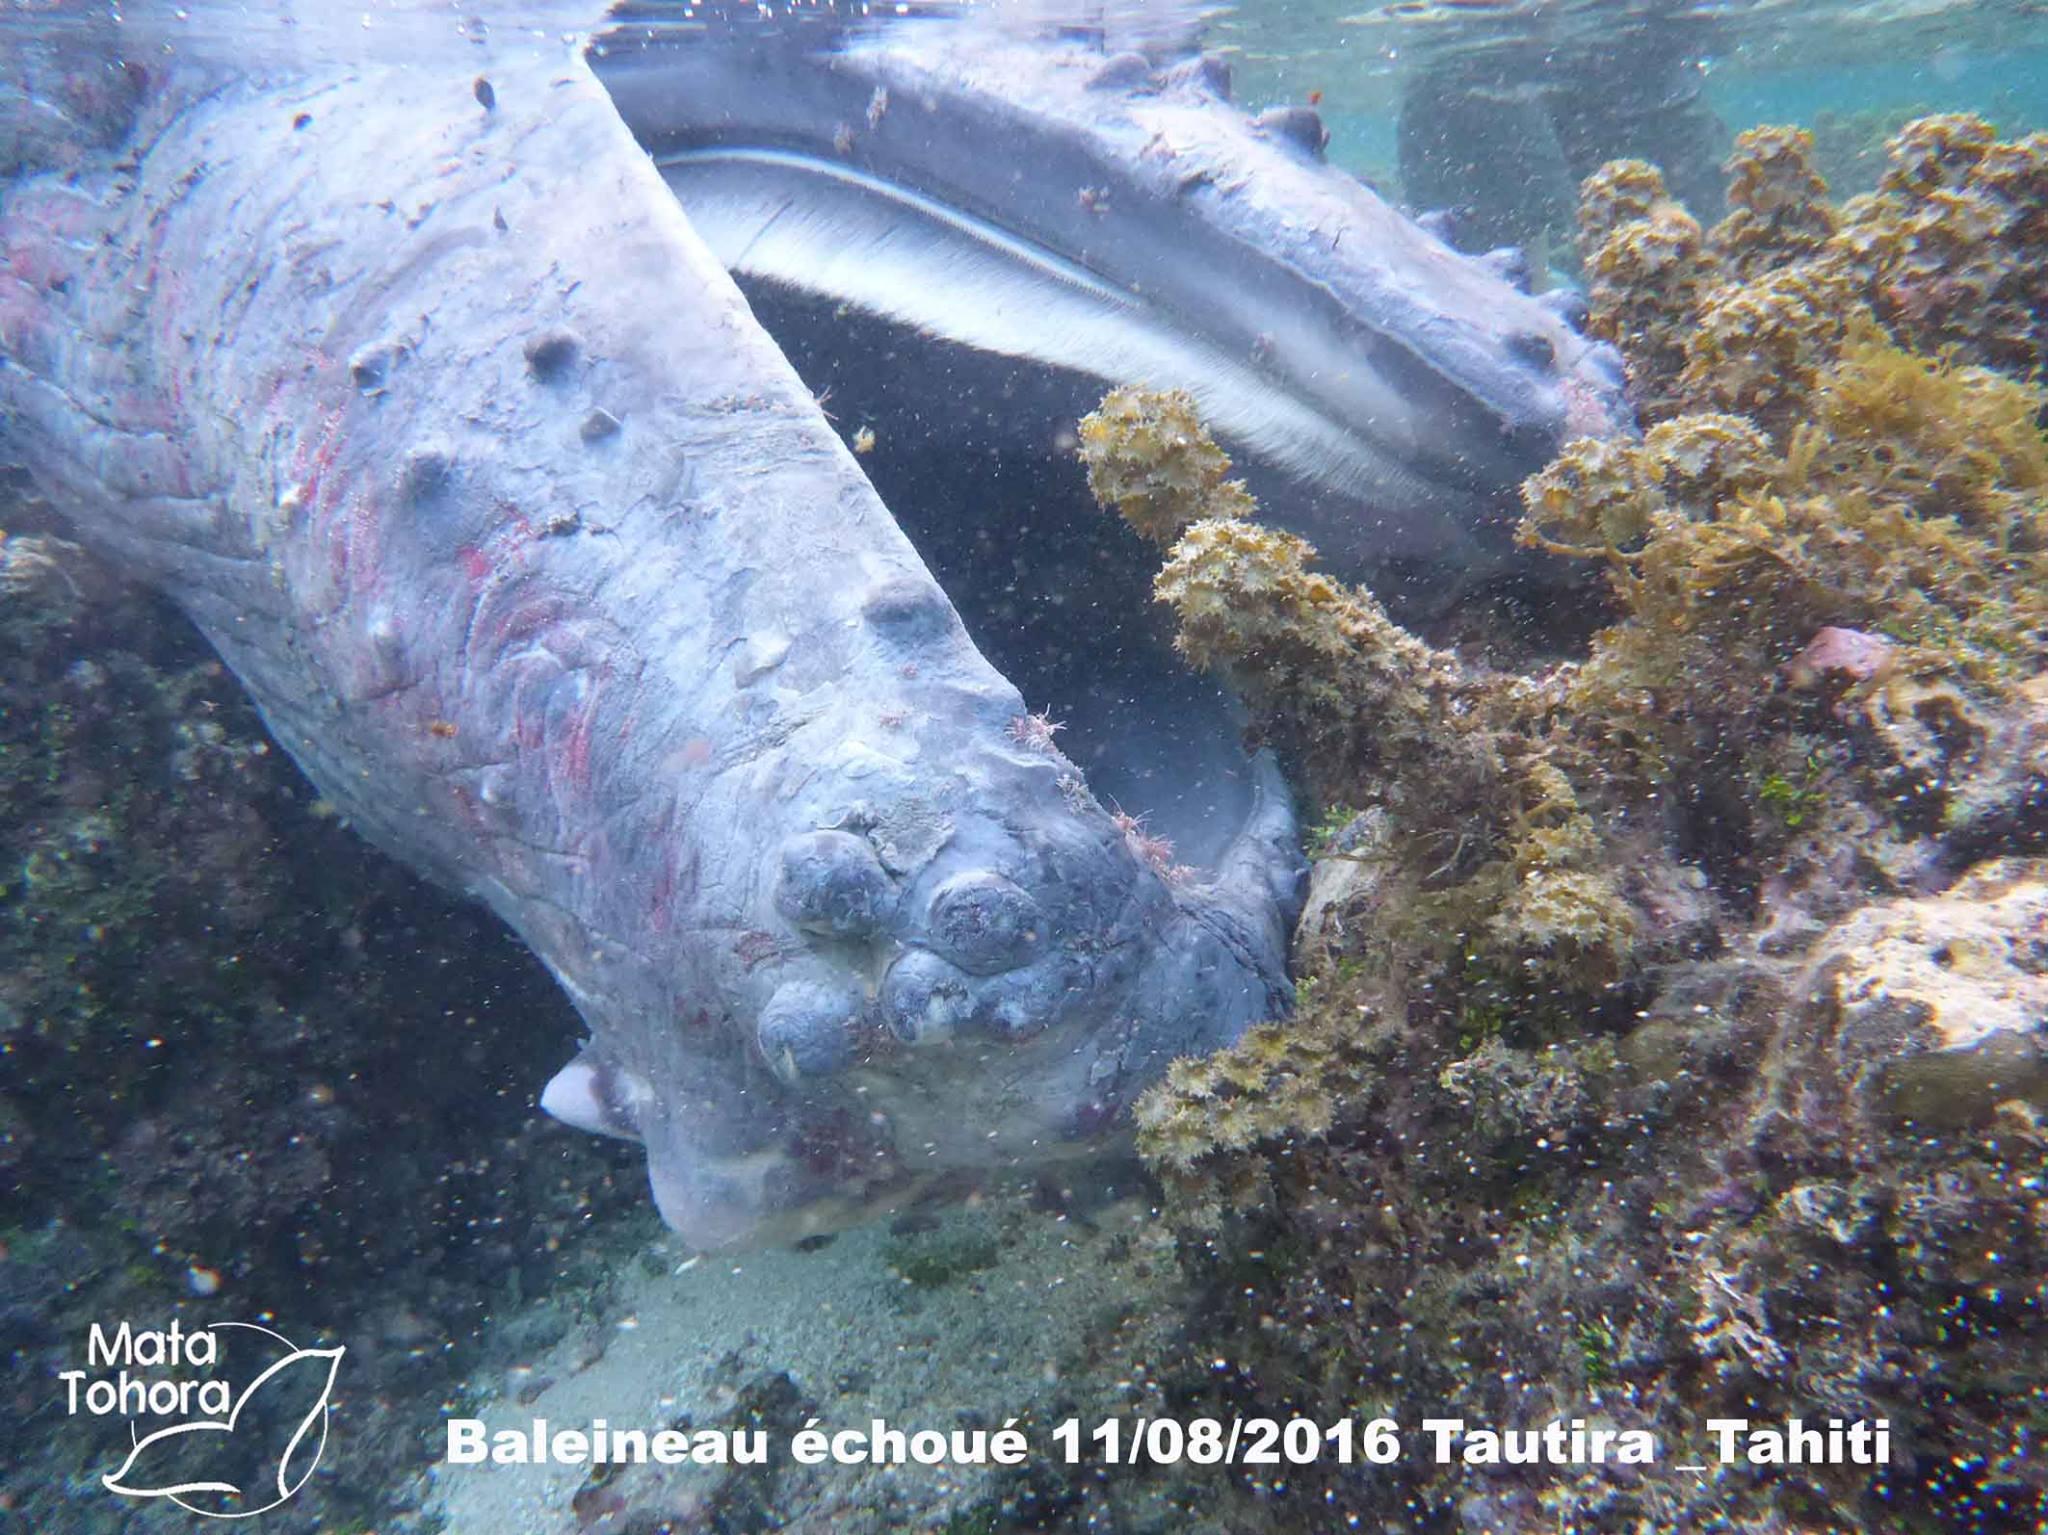 Le baleineau de Tautira est mort